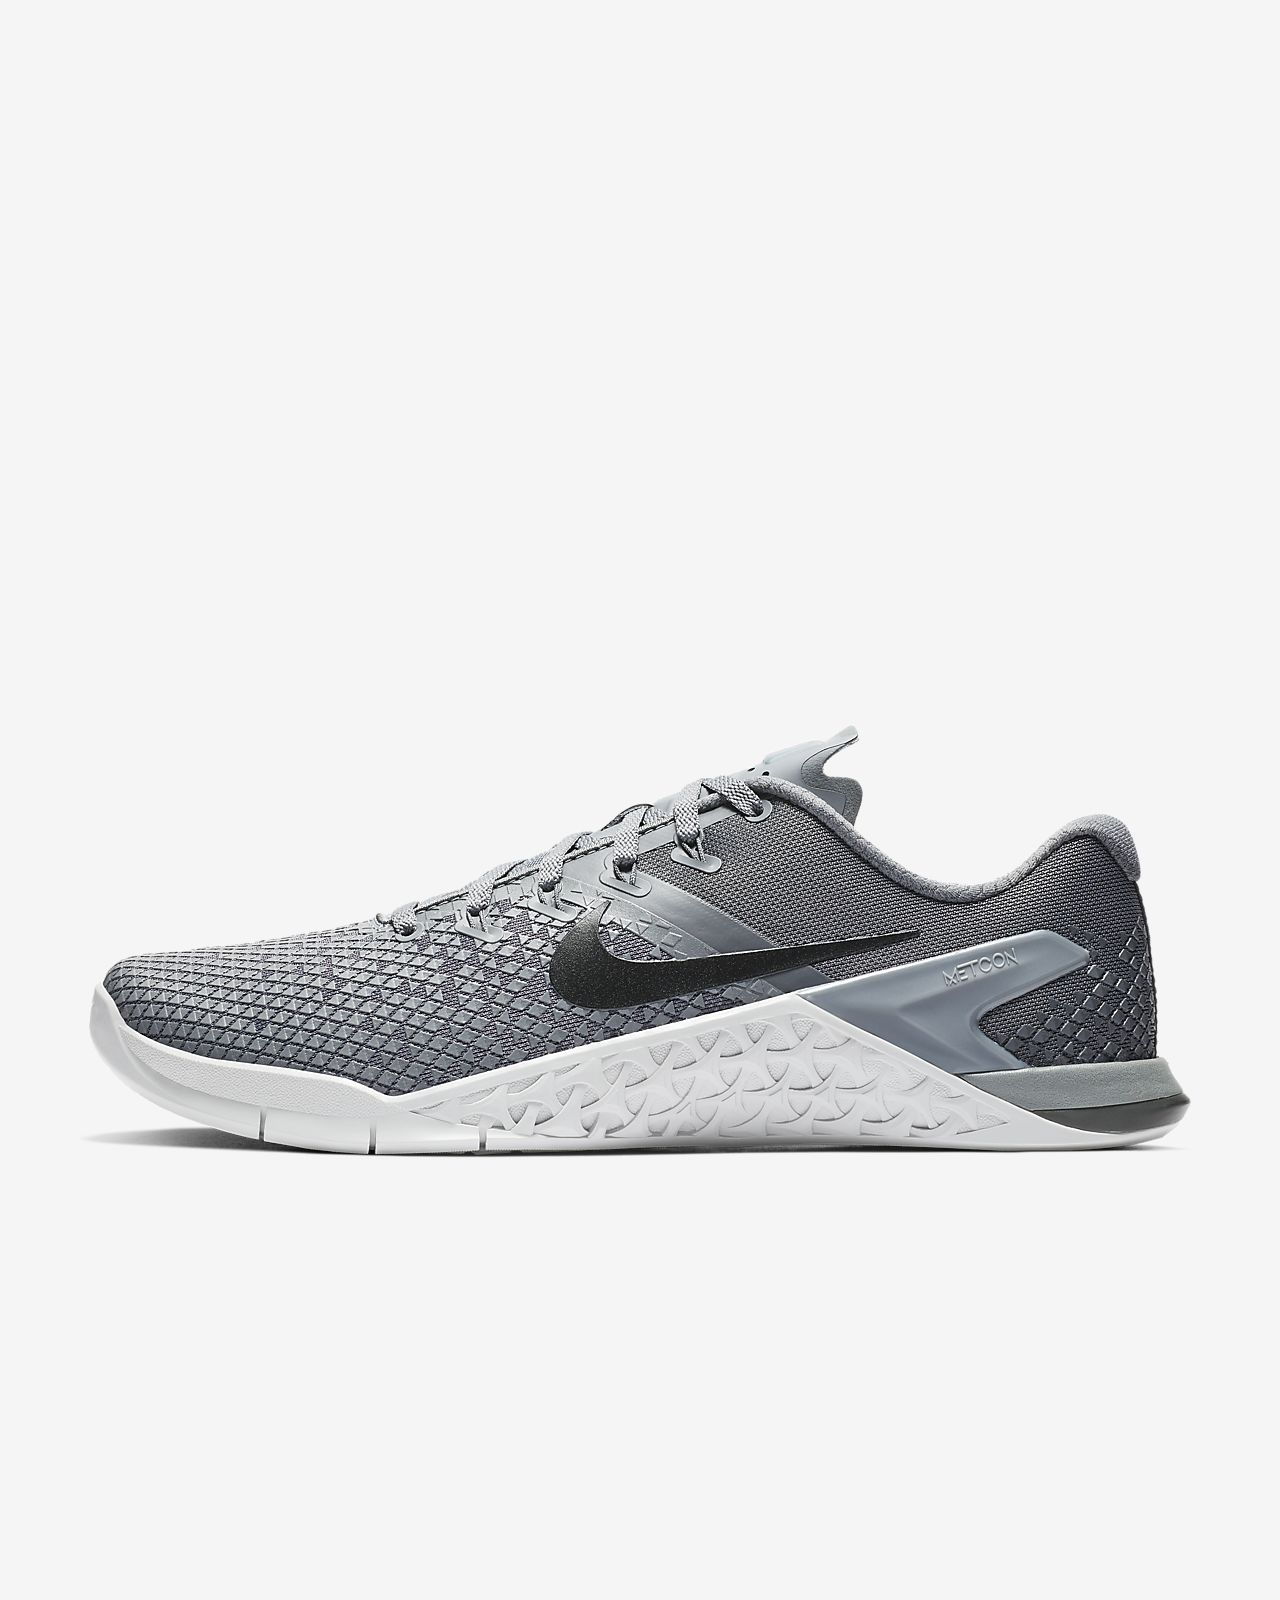 Nike Metcon 4 XD Zapatillas de entrenamiento - Hombre. Nike.com ES 54f4c378927